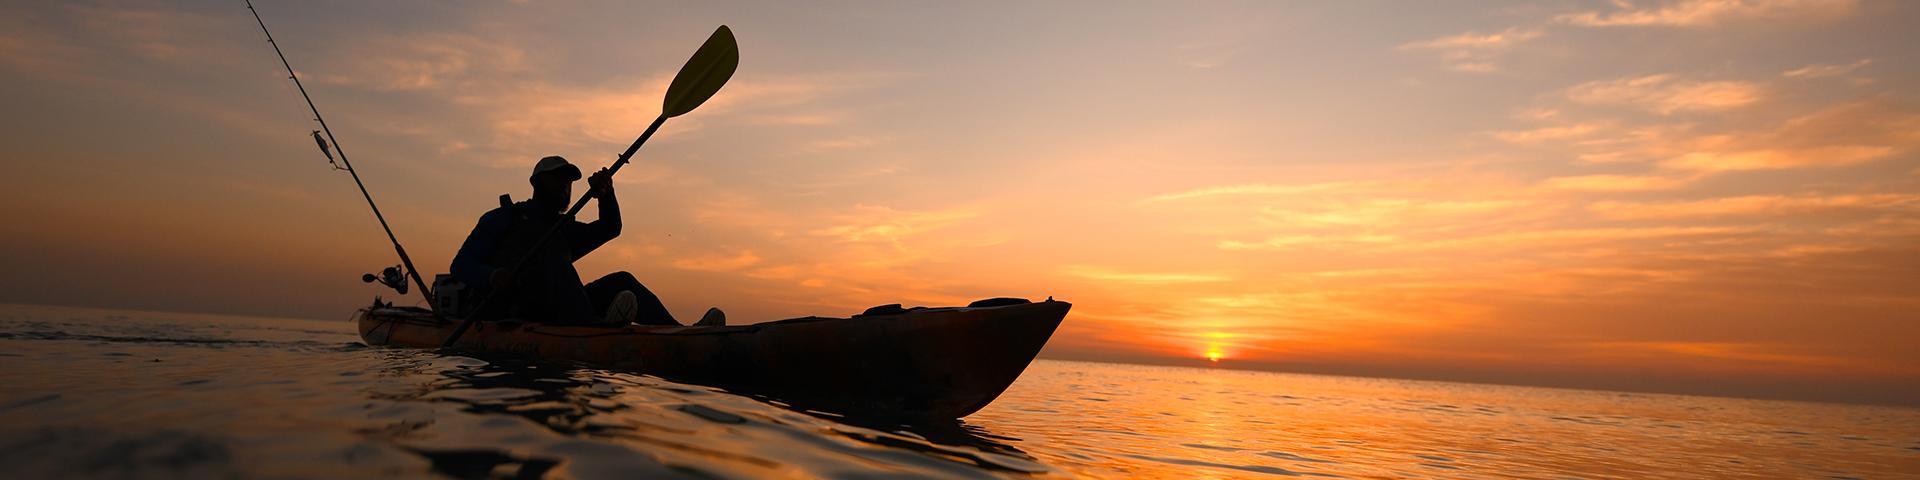 Kayaks: Trident 11 by Ocean Kayak - Image 4423